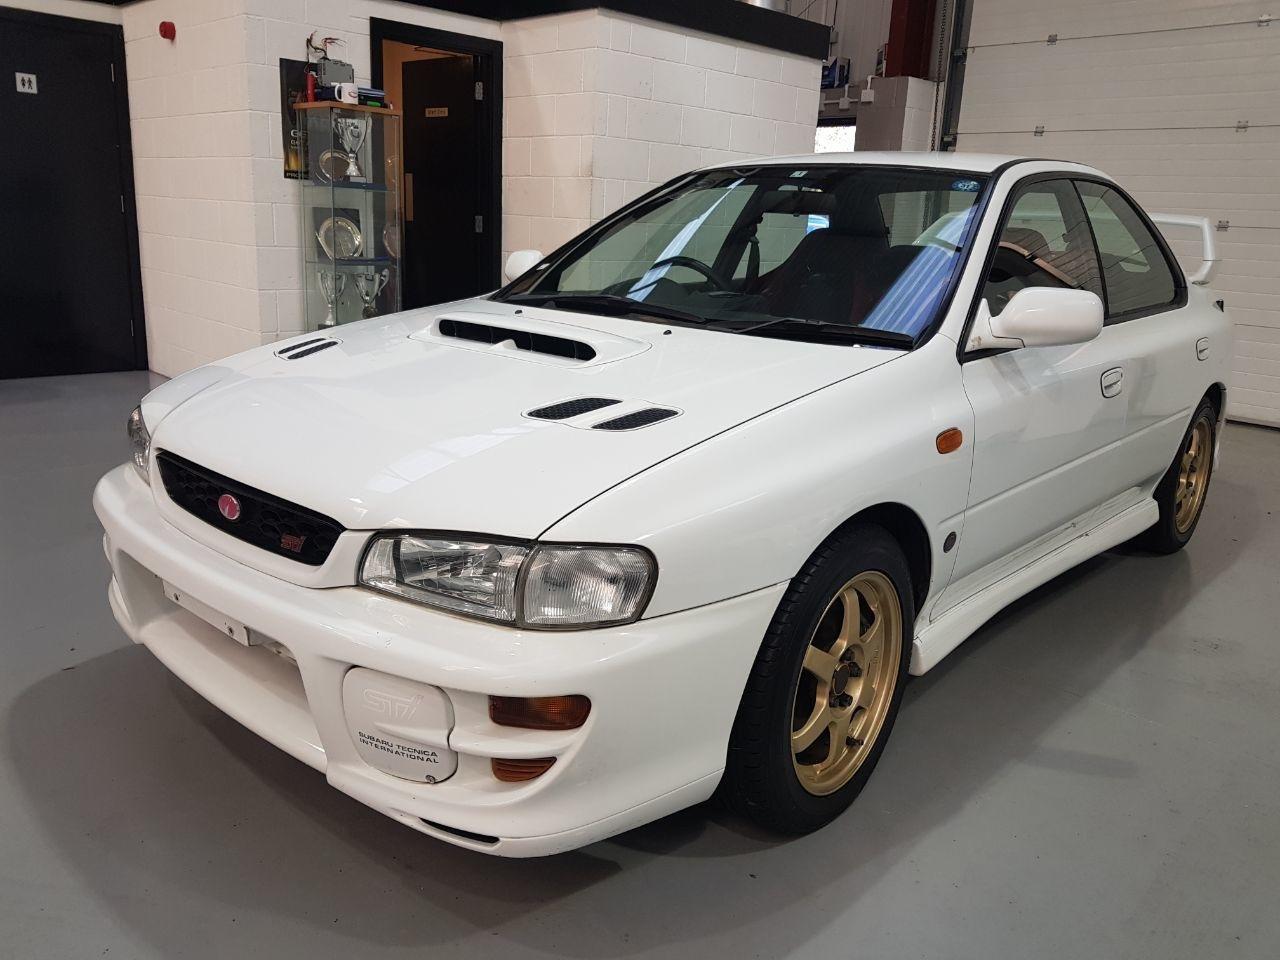 1998 Subaru Impreza 2.0 WRX STI Version 5 - GC8 For Sale (picture 1 of 6)